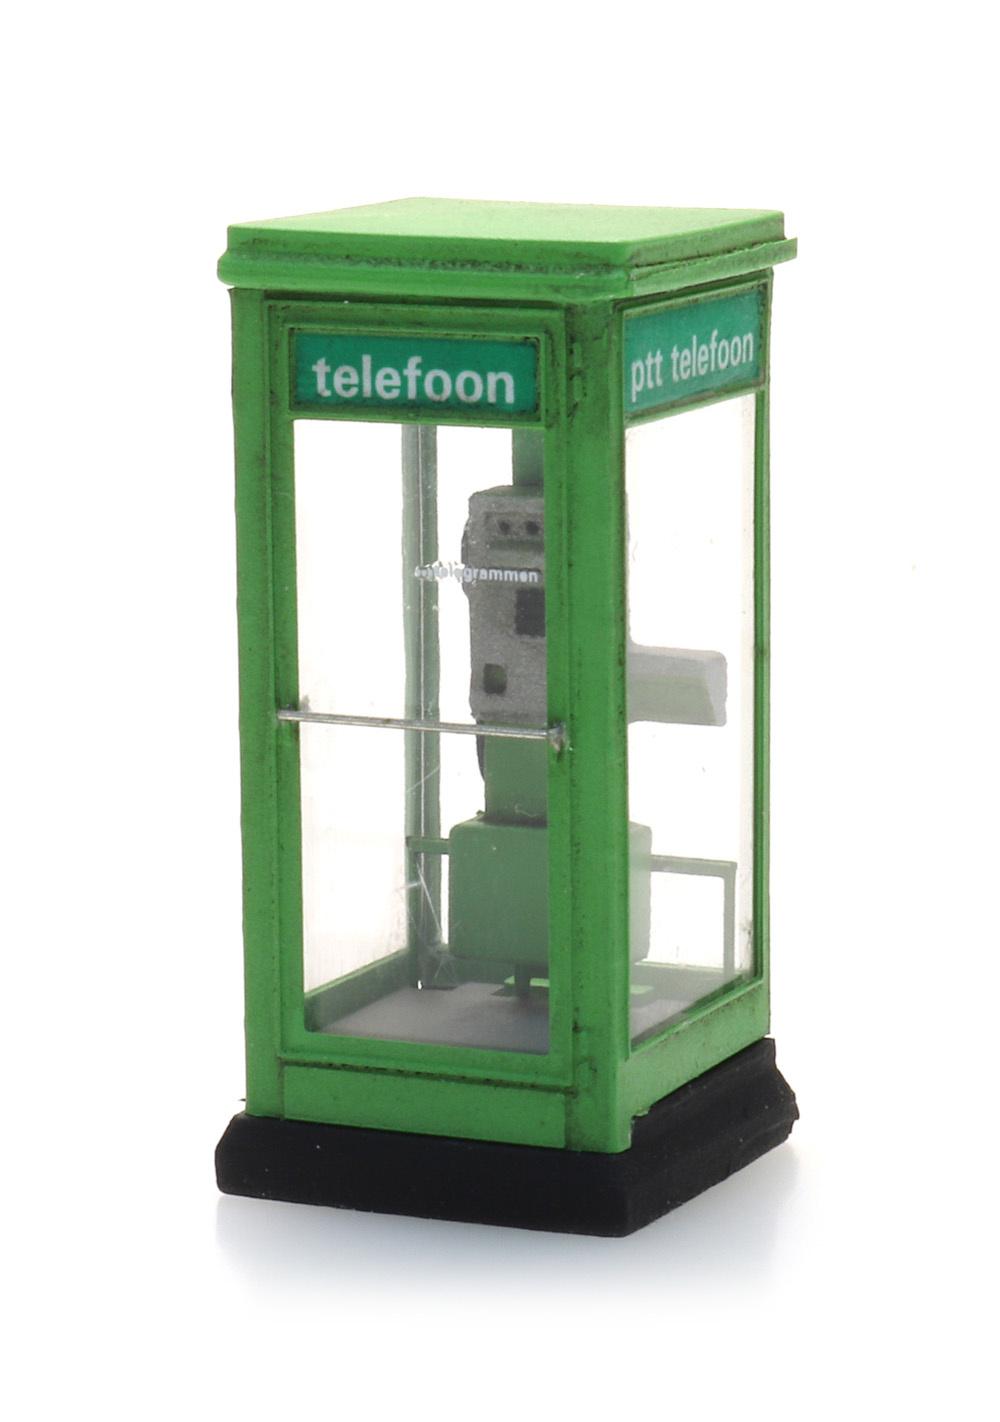 Telefooncel 1100 groen jaren 80 - 90